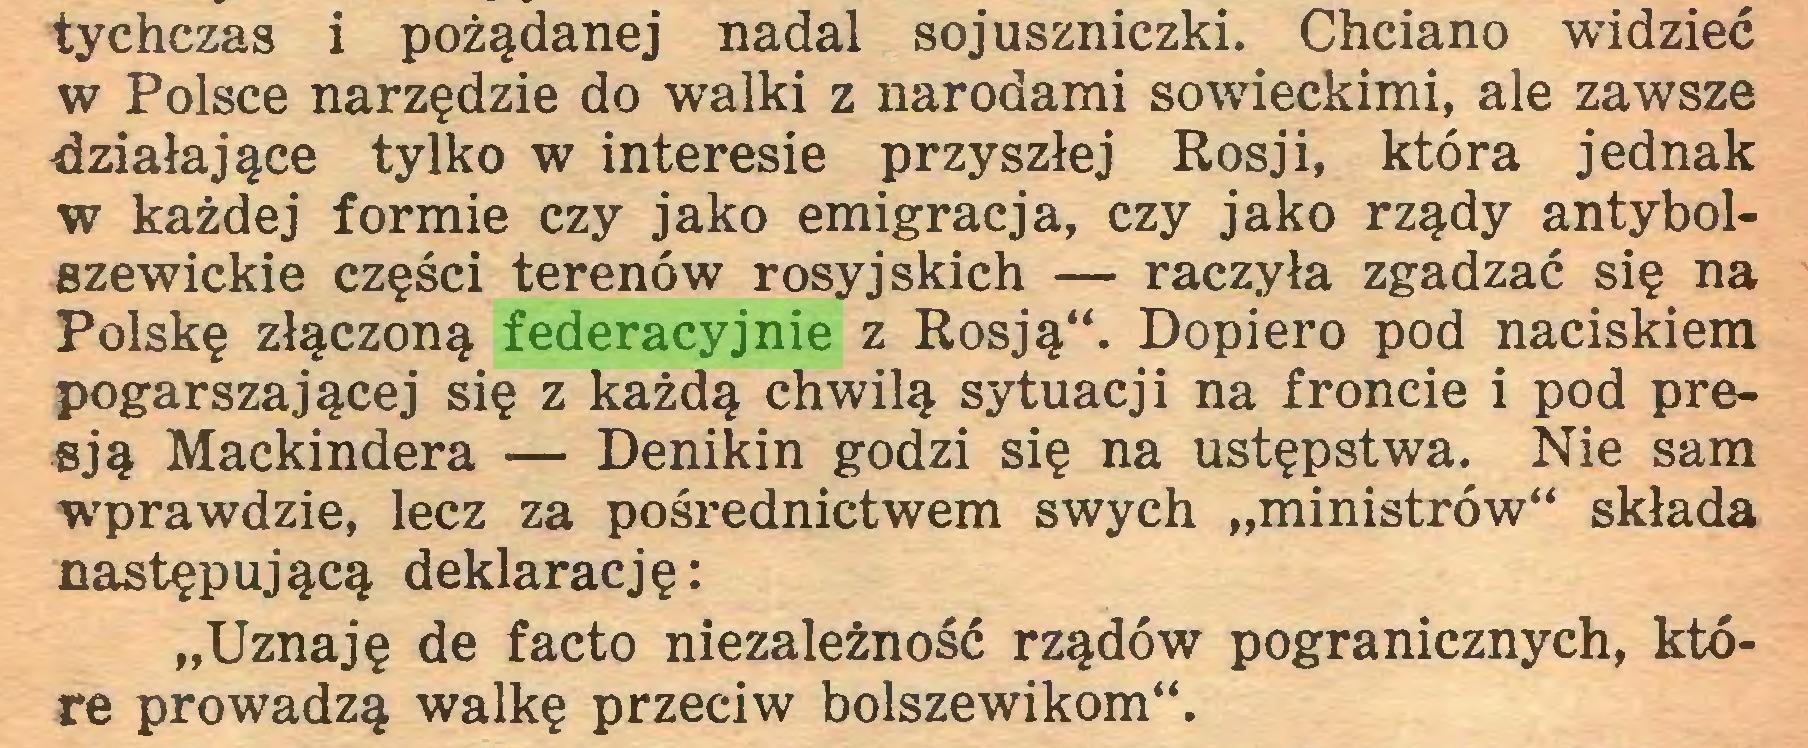 """(...) tychczas i pożądanej nadal sojuszniczki. Chciano widzieć w Polsce narzędzie do walki z narodami sowieckimi, ale zawsze działające tylko w interesie przyszłej Rosji, która jednak w każdej formie czy jako emigracja, czy jako rządy antybolszewickie części terenów rosyjskich — raczyła zgadzać się na Polskę złączoną federacyjnie z Rosją**. Dopiero pod naciskiem pogarszającej się z każdą chwilą sytuacji na froncie i pod presją Mackindera — Denikin godzi się na ustępstwa. Nie sam wprawdzie, lecz za pośrednictwem swych """"ministrów** składa następującą deklarację: """"Uznaję de facto niezależność rządów pogranicznych, które prowadzą walkę przeciw bolszewikom**..."""